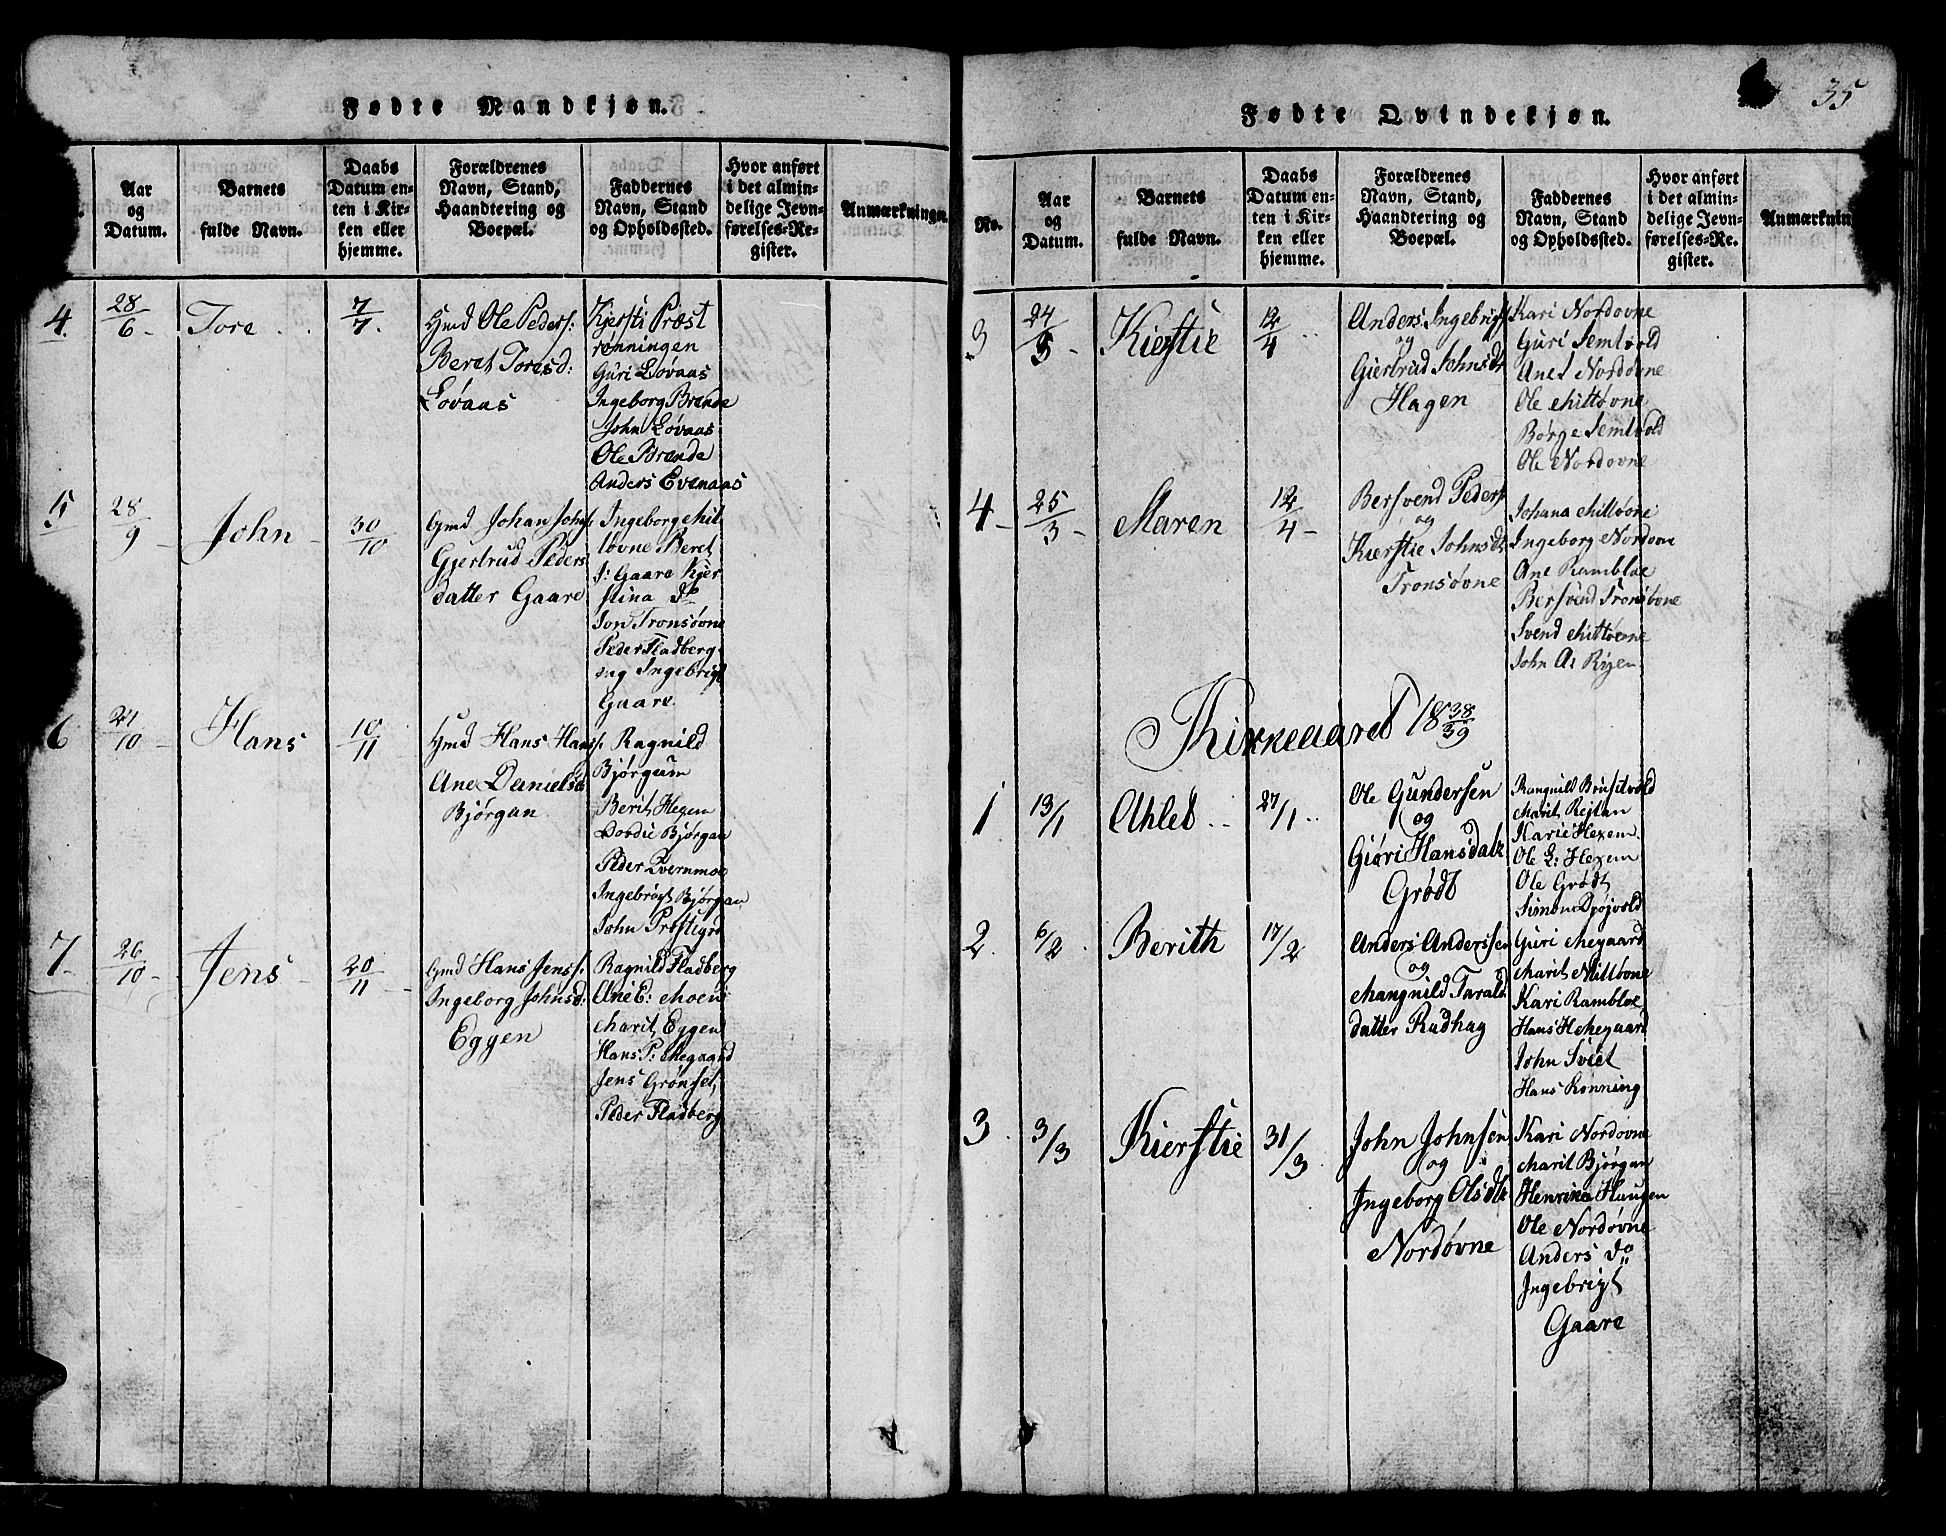 SAT, Ministerialprotokoller, klokkerbøker og fødselsregistre - Sør-Trøndelag, 685/L0976: Klokkerbok nr. 685C01, 1817-1878, s. 35